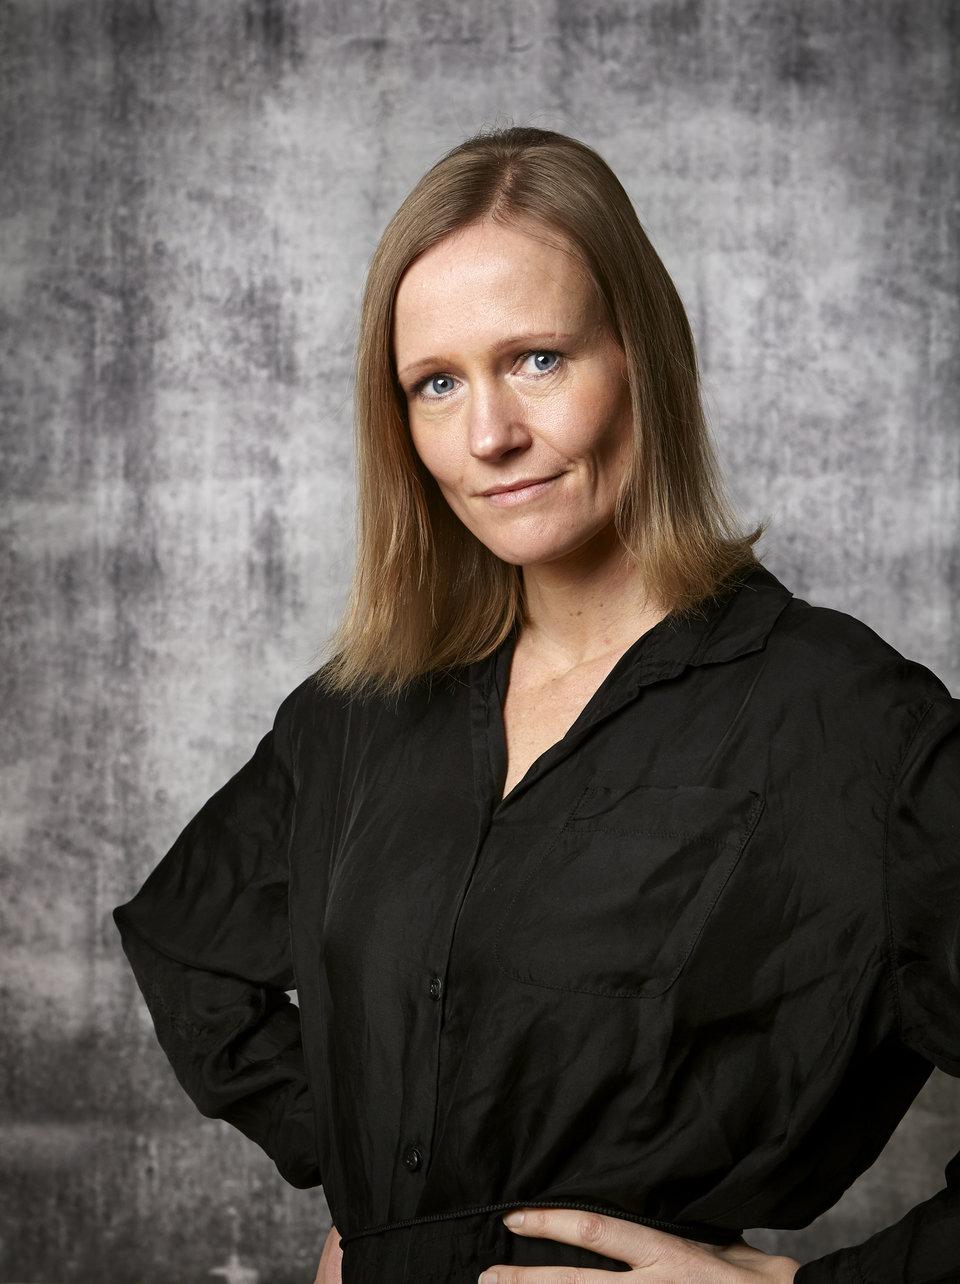 Monika Mulder - konsultantka ds. wzornictwa projektująca oświetlenie m.in. dla marki Markslöjd.